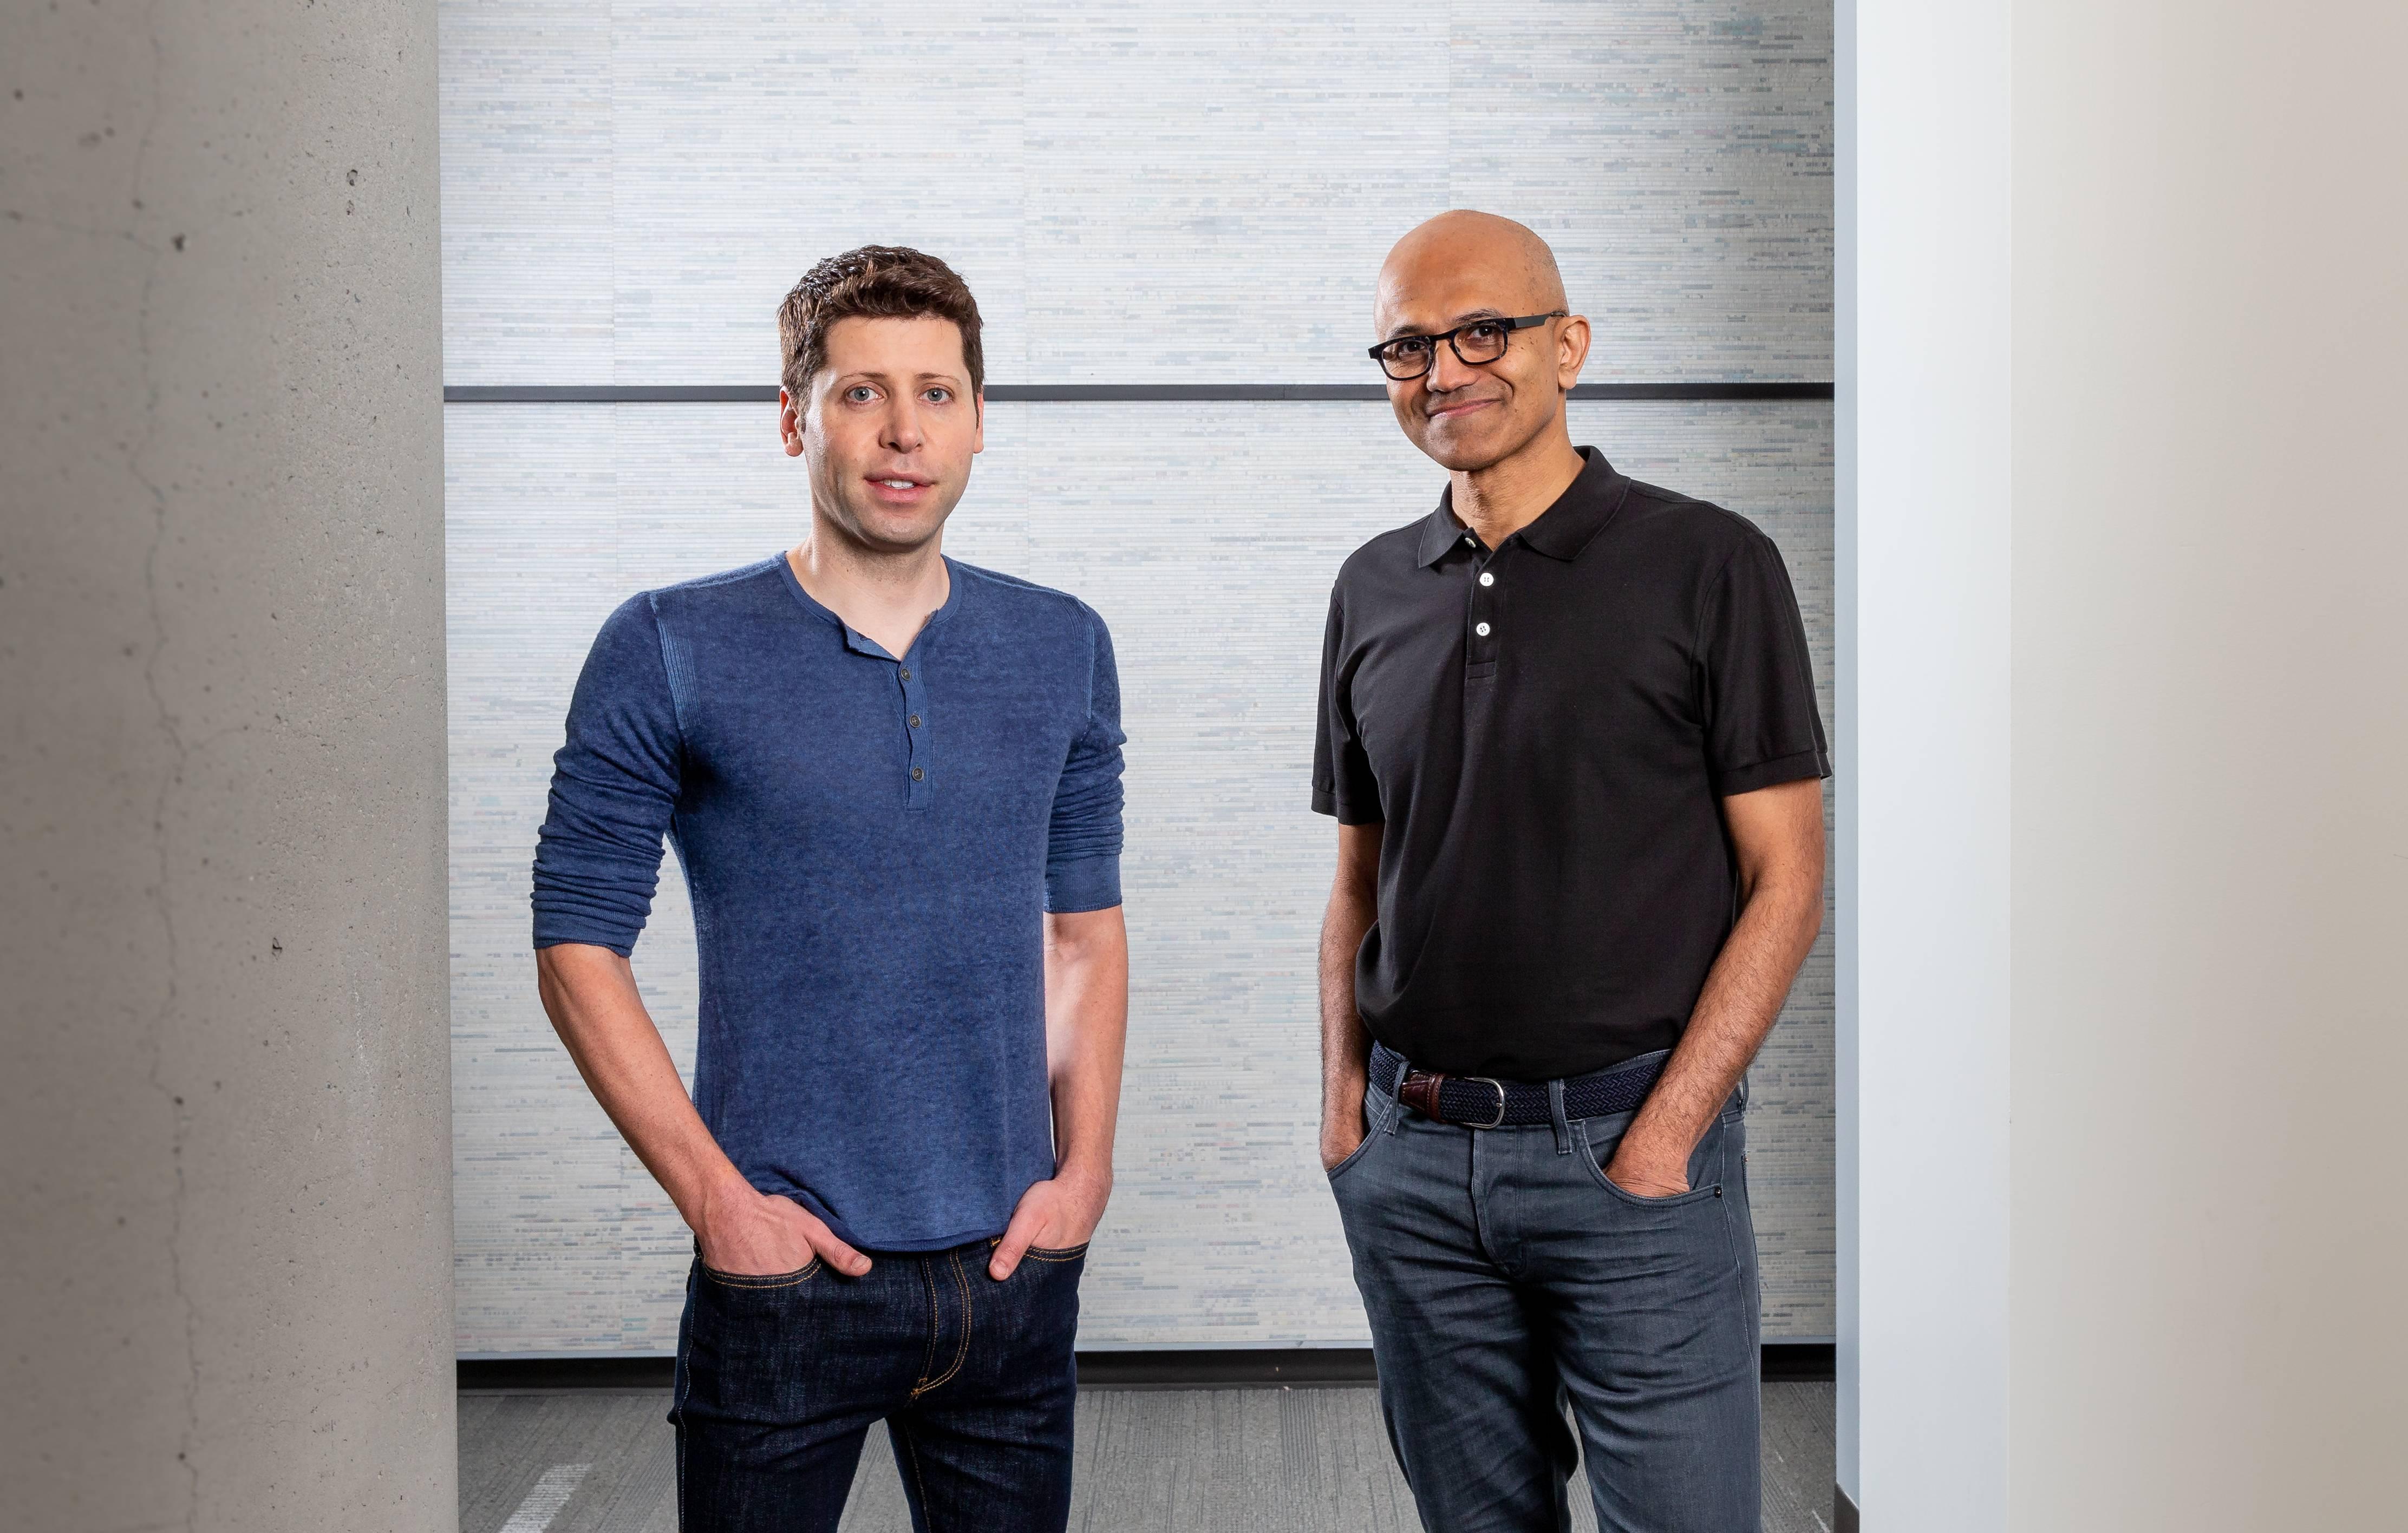 Microsoft invertirá fuertemente en OpenAI, la empresa de inteligencia artificial de Elon Musk